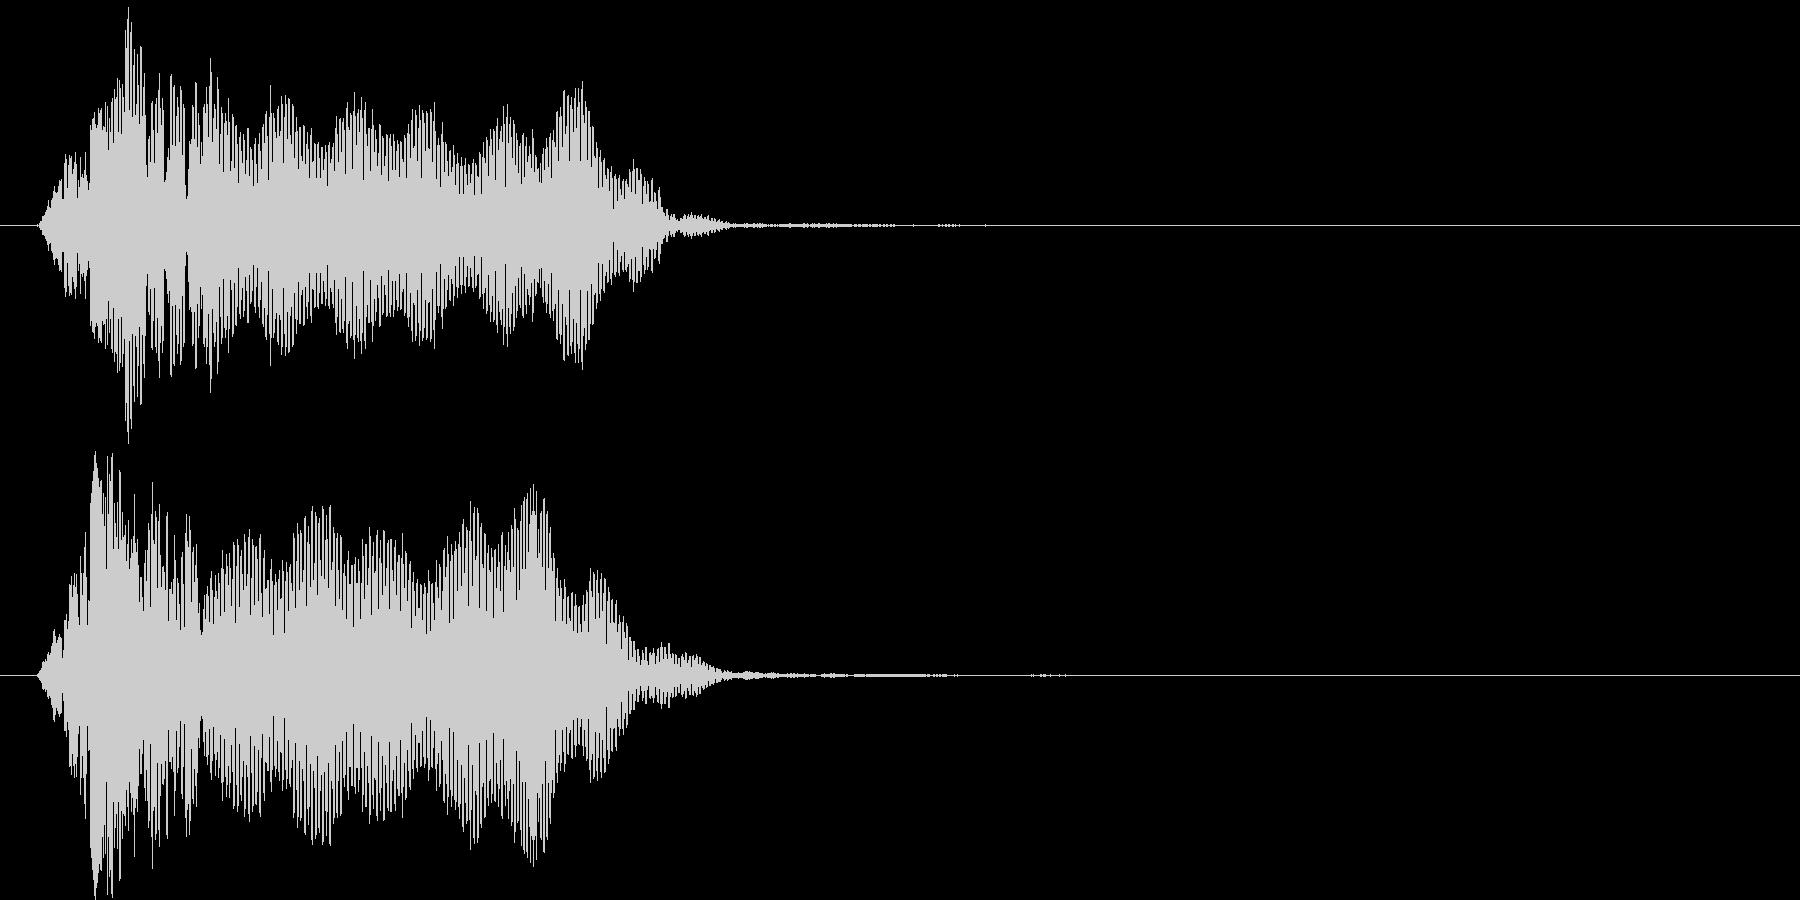 ビィーン(ビーム音)の未再生の波形